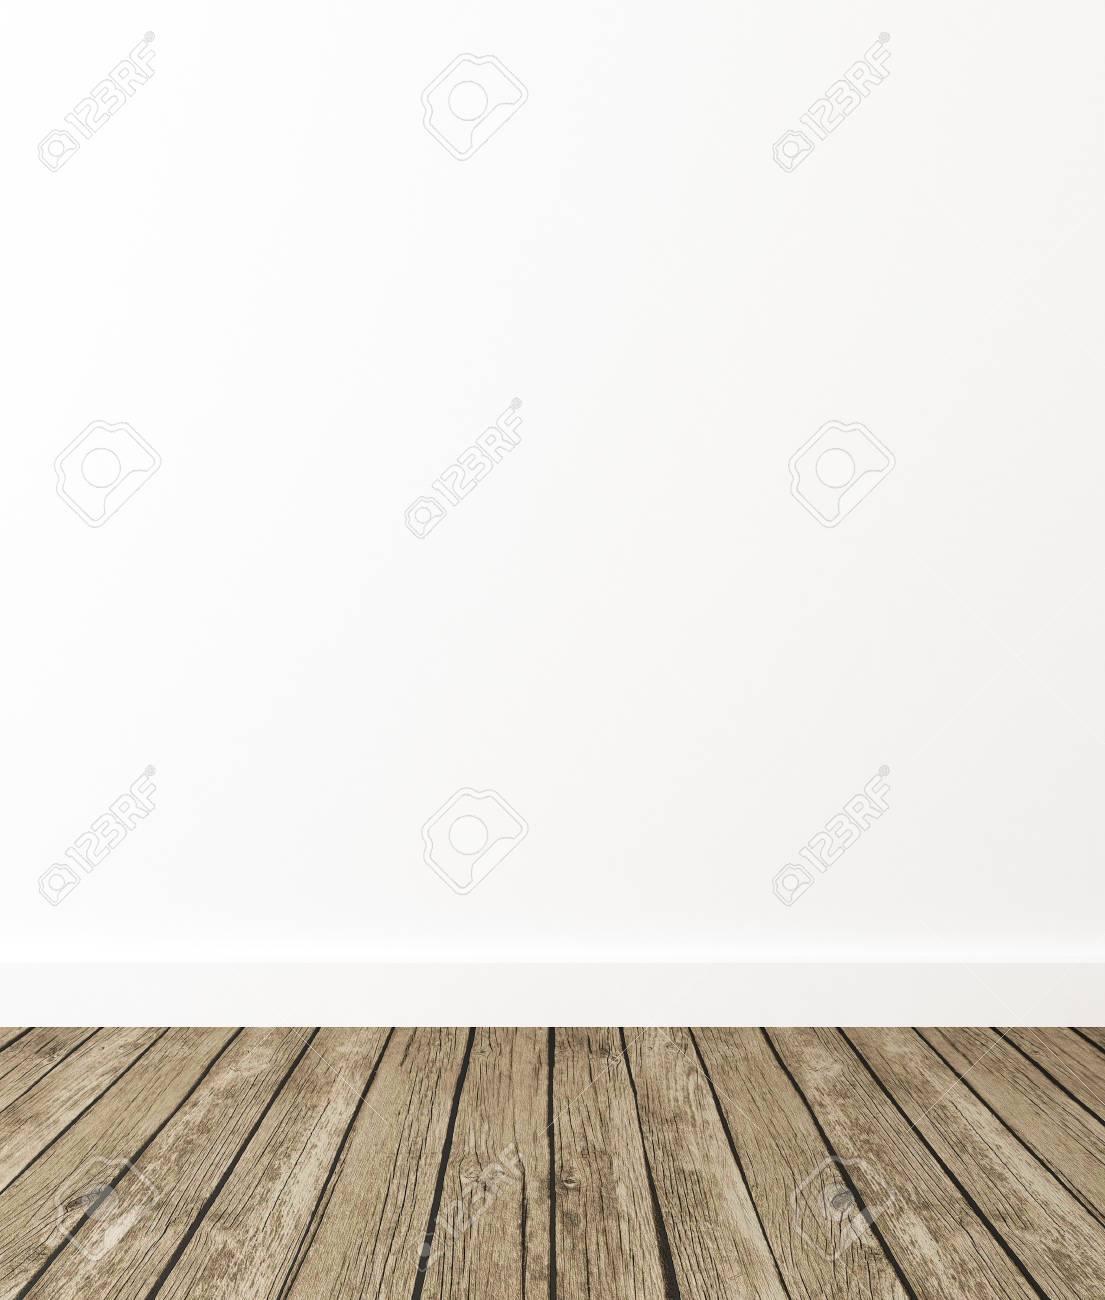 Empty Room Interior, 3d Render - 77382547